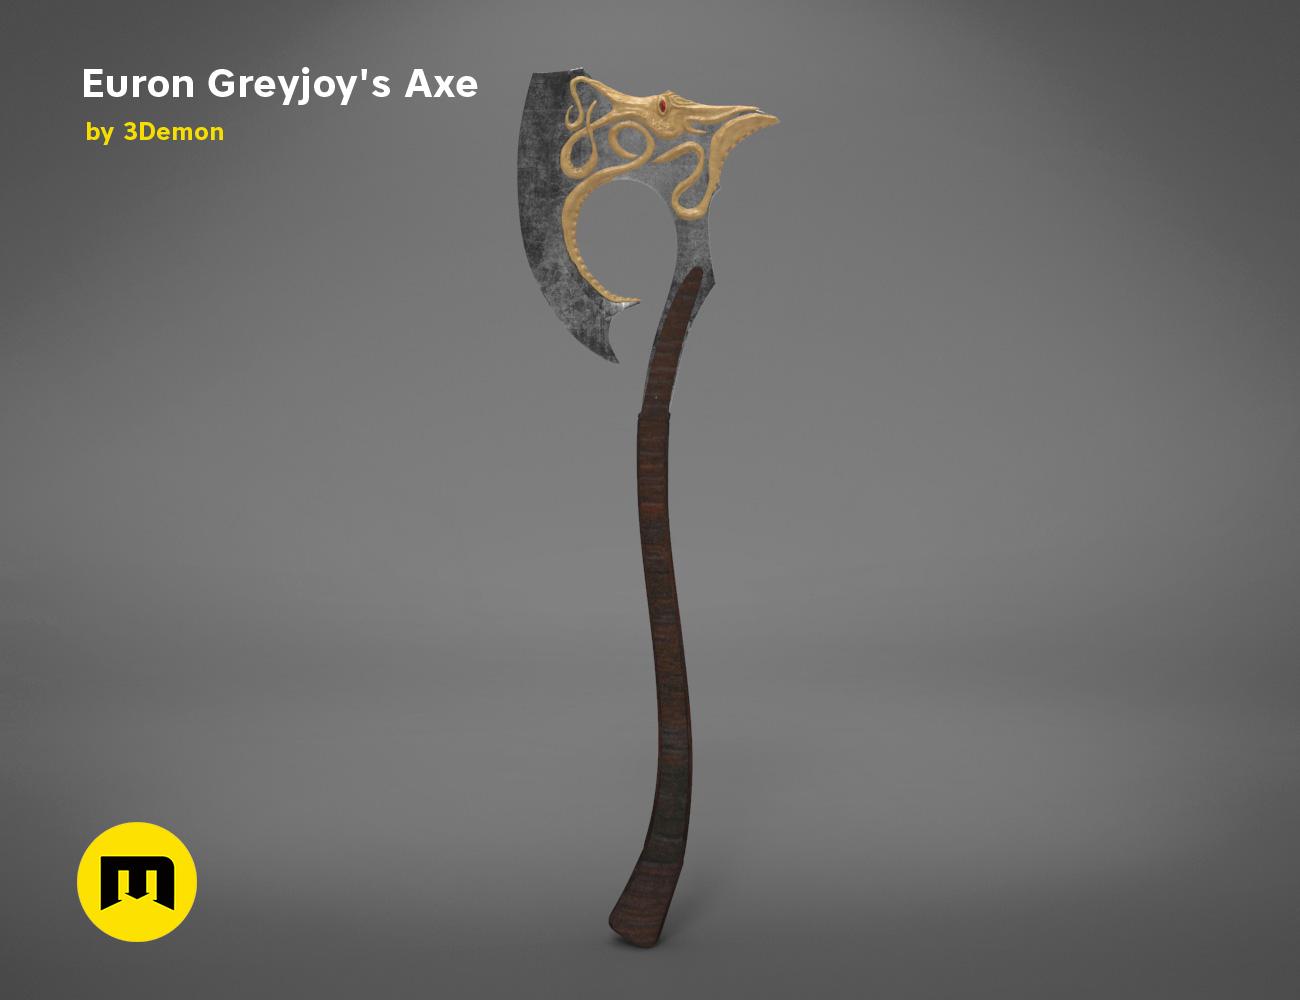 axe-gameofthrones-render.972.jpg Download OBJ file Euron Greyjoy's Axe • 3D printable object, 3D-mon